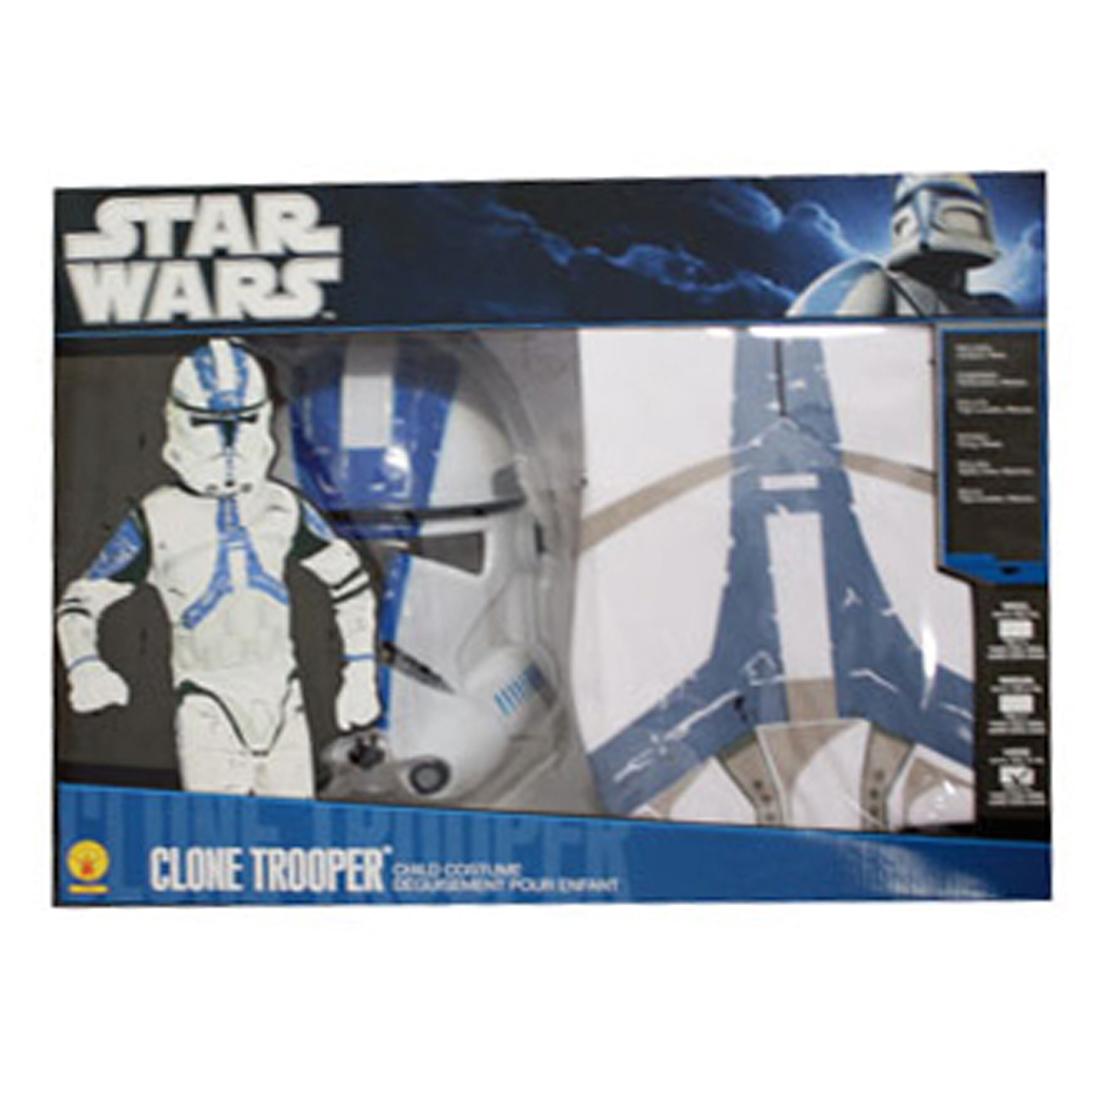 clonetrooper star wars kost m kinder karneval gr m 5 7 jahre stormtrooper outfit ebay. Black Bedroom Furniture Sets. Home Design Ideas